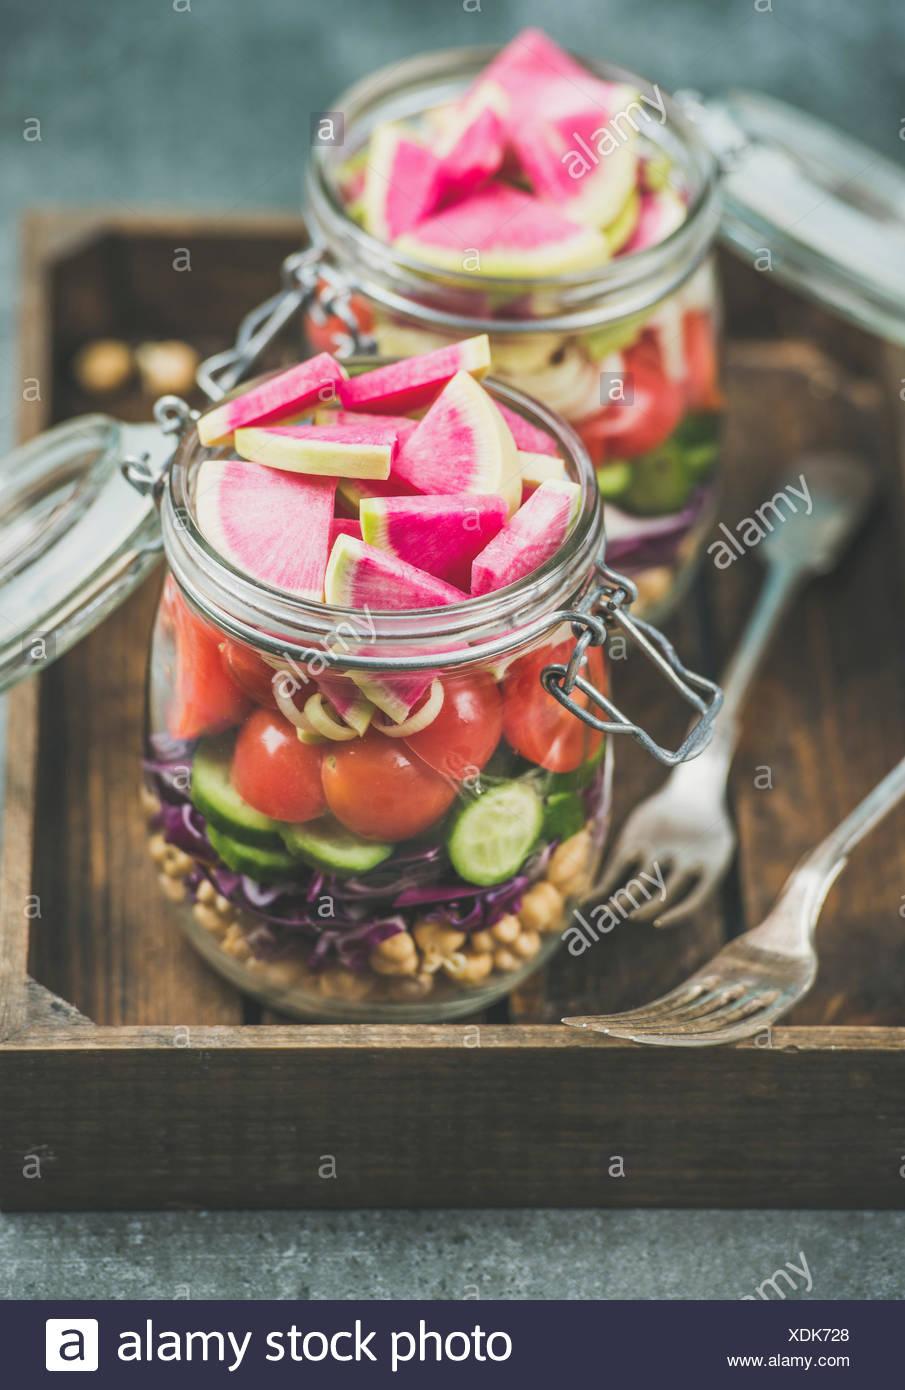 Déjeuner à emporter en bonne santé. Les légumes et les germes de pois chiches salade vegan dans des bocaux en verre dans le bac en bois, béton gris background, selective focus. Nettoyer Photo Stock